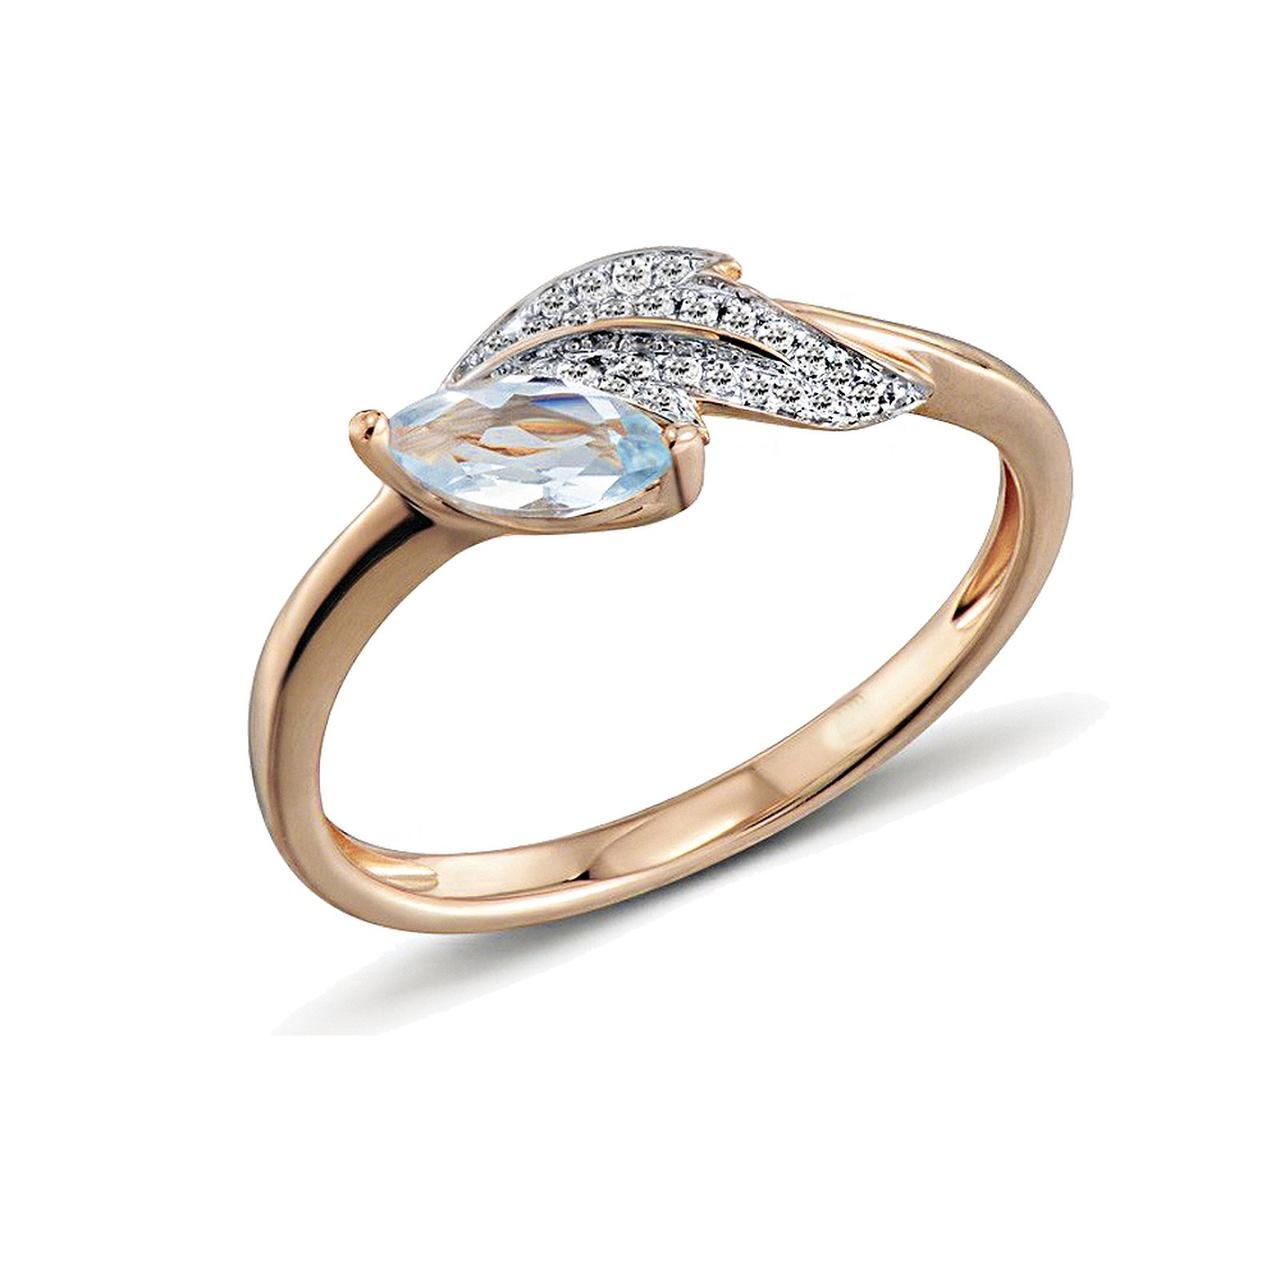 Золотое кольцо с бриллиантами и топазом, размер 16 (1551076)